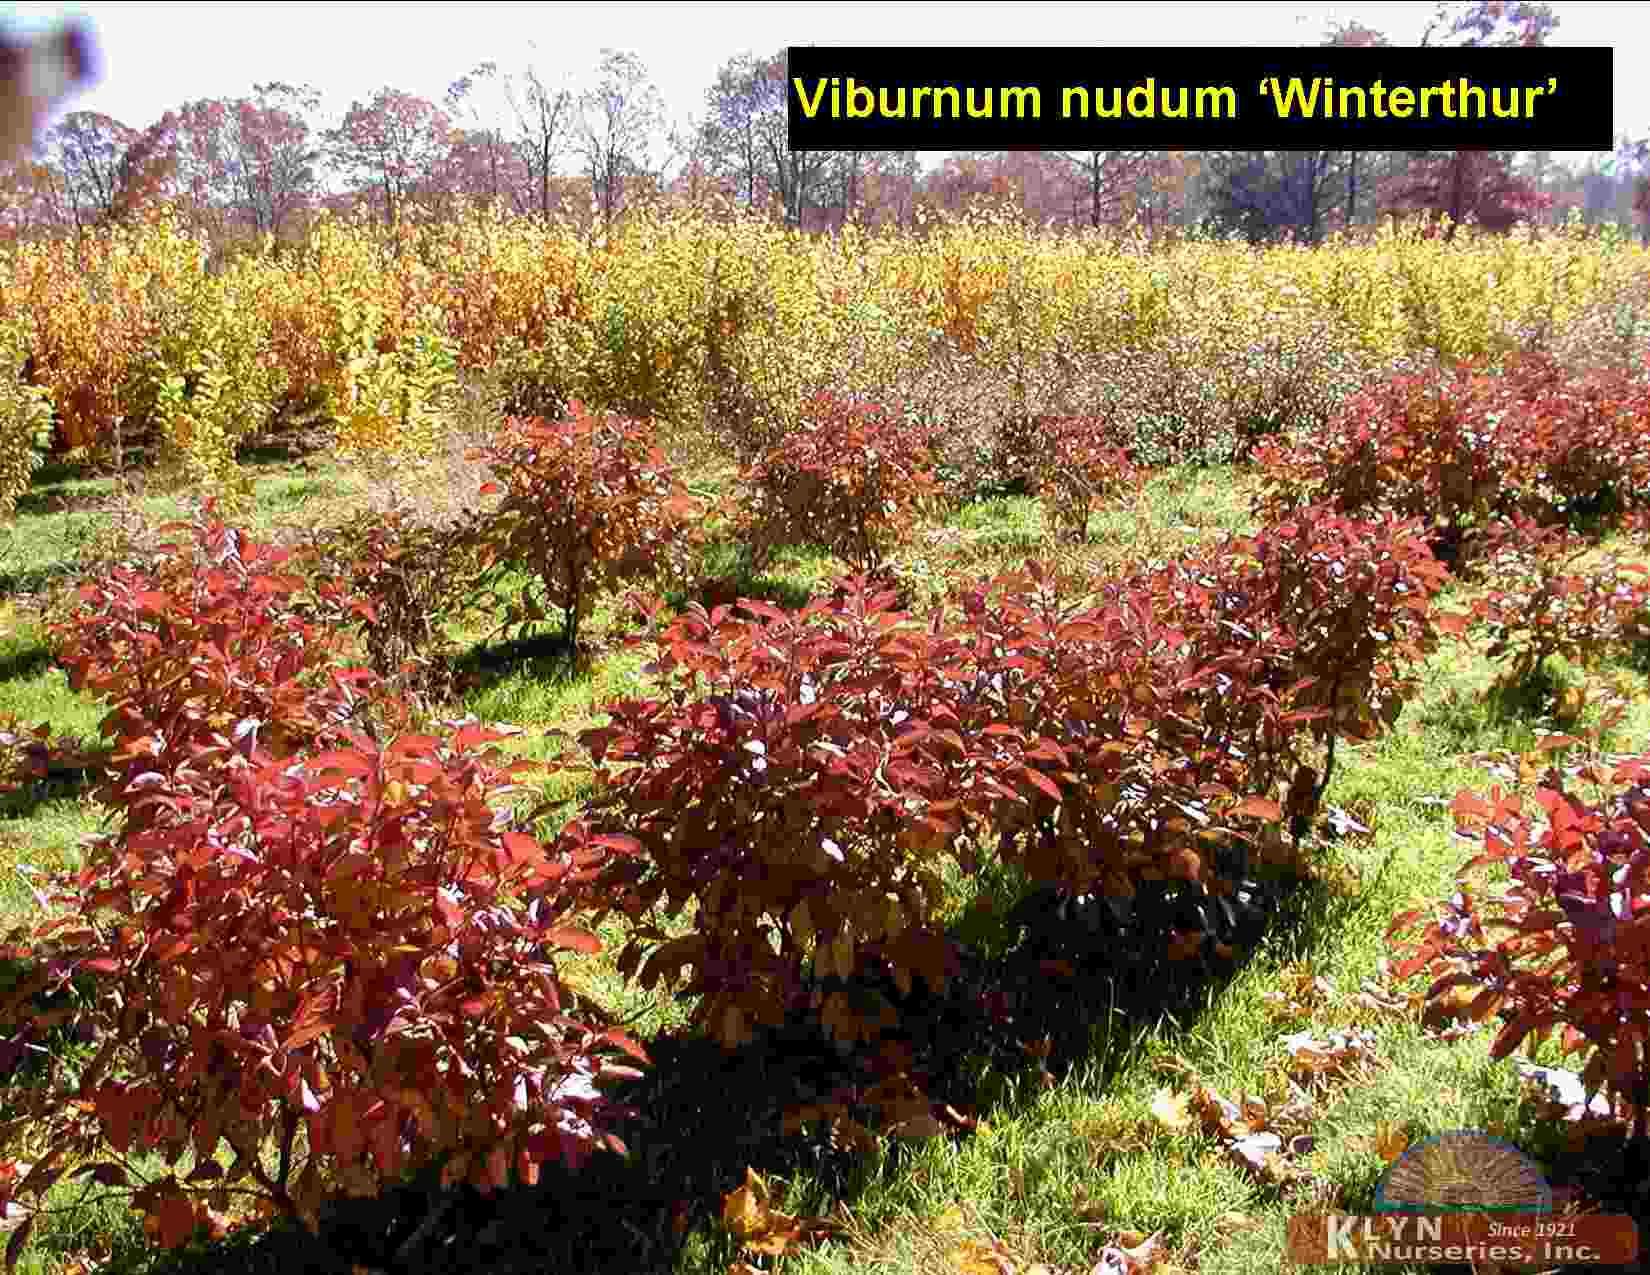 VIBURNUM nudum 'Winterthur' - Klyn Nurseries Inc.